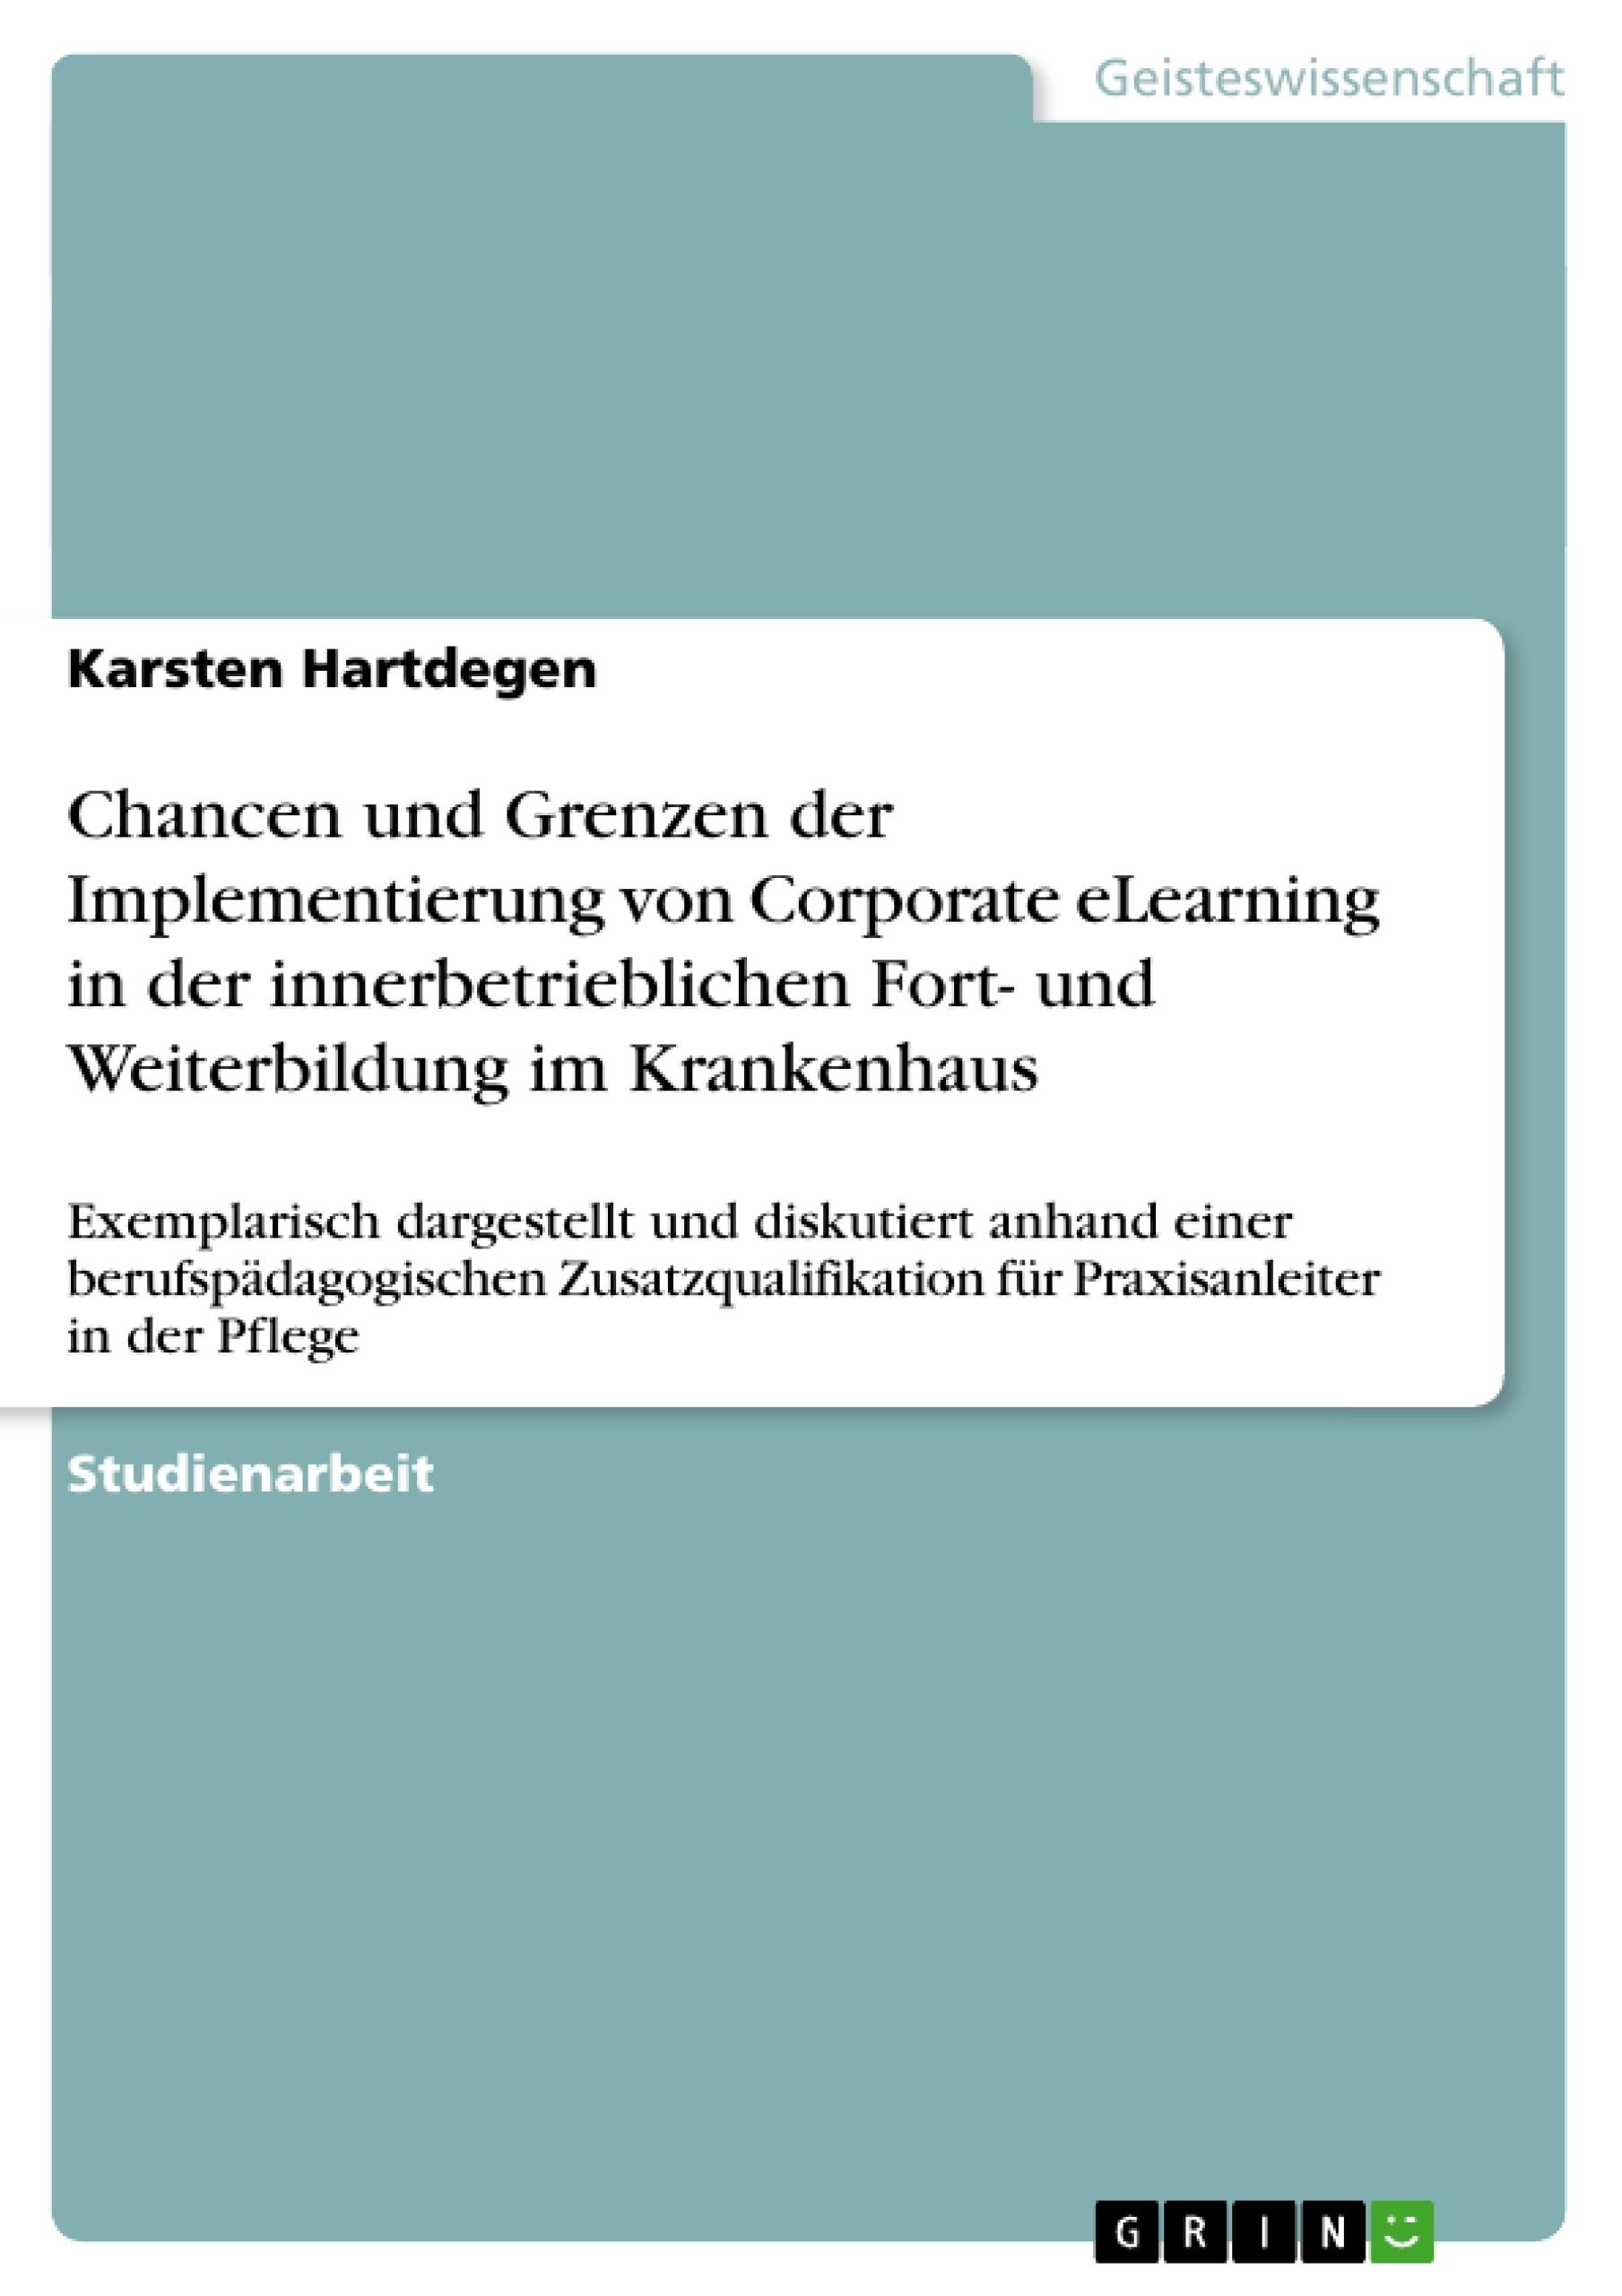 Titel: Chancen und Grenzen der Implementierung  von Corporate eLearning in der  innerbetrieblichen Fort- und Weiterbildung  im Krankenhaus